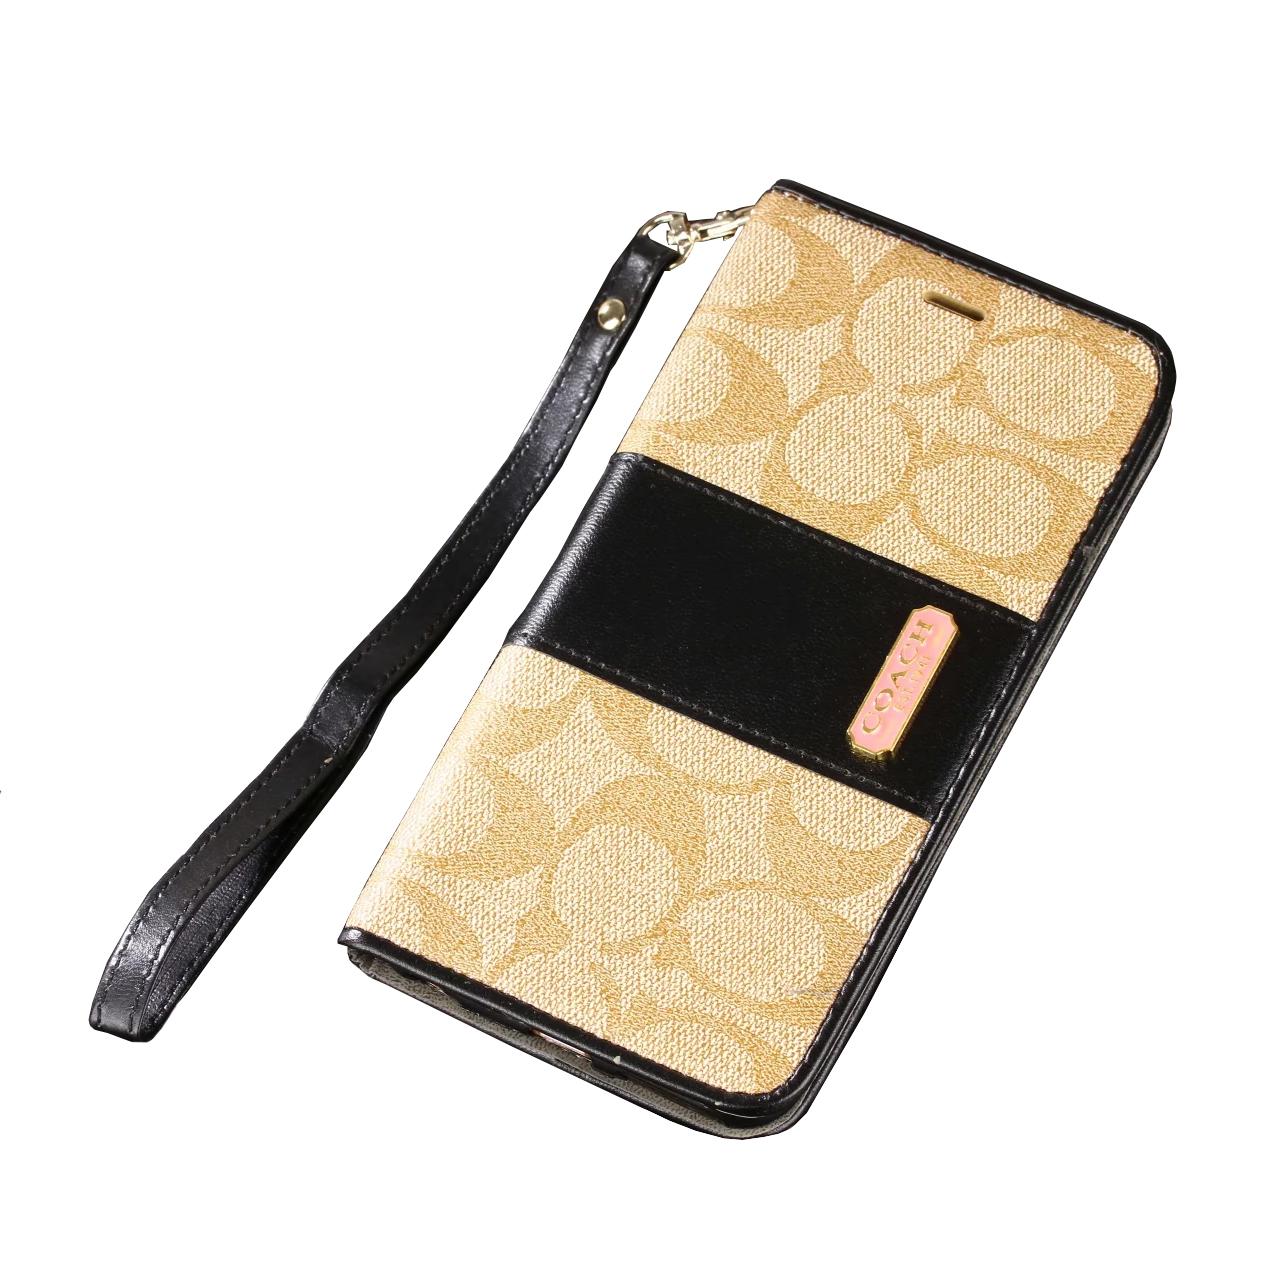 apple 7 Plus iphone cases iphone 7 Plus cover apple fashion iphone7 Plus case 7 Plus s phone case iphone 7 Plus case with cover best cases for iphone 7 Plus apple iphone 7 Plus cover case iphone 7 Plus casings iphone 7 Plus hard cover case